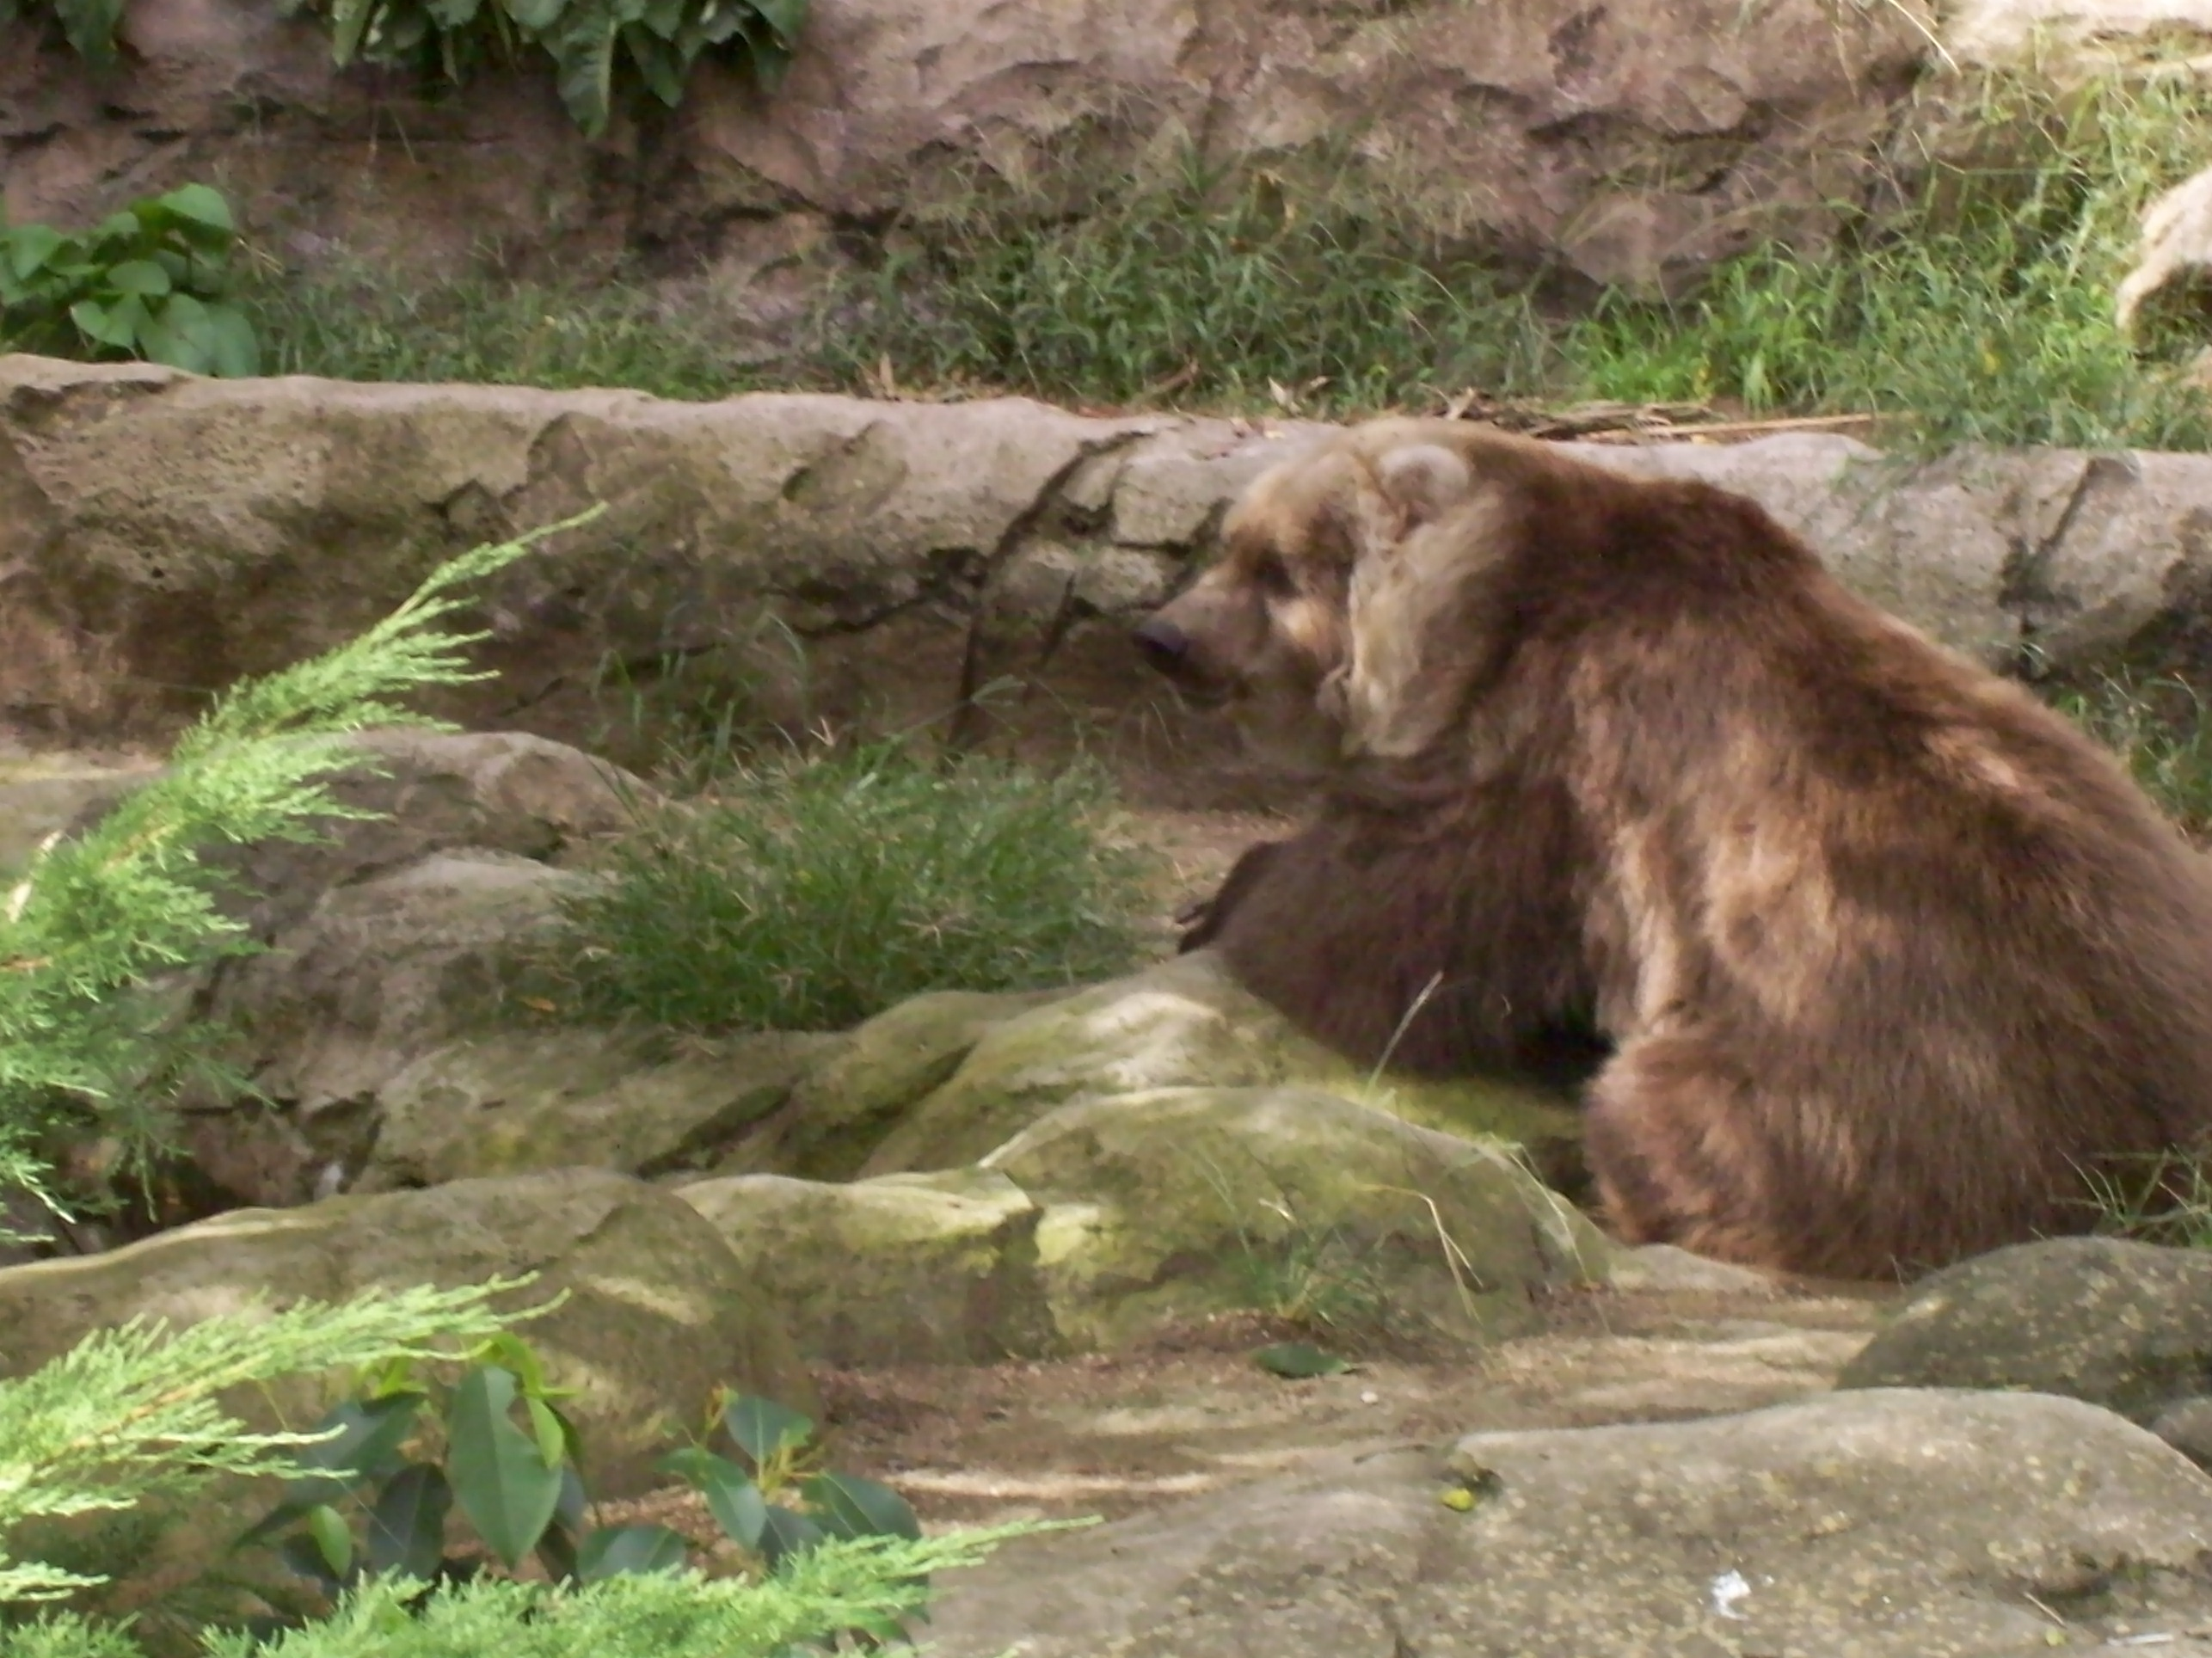 The bear!